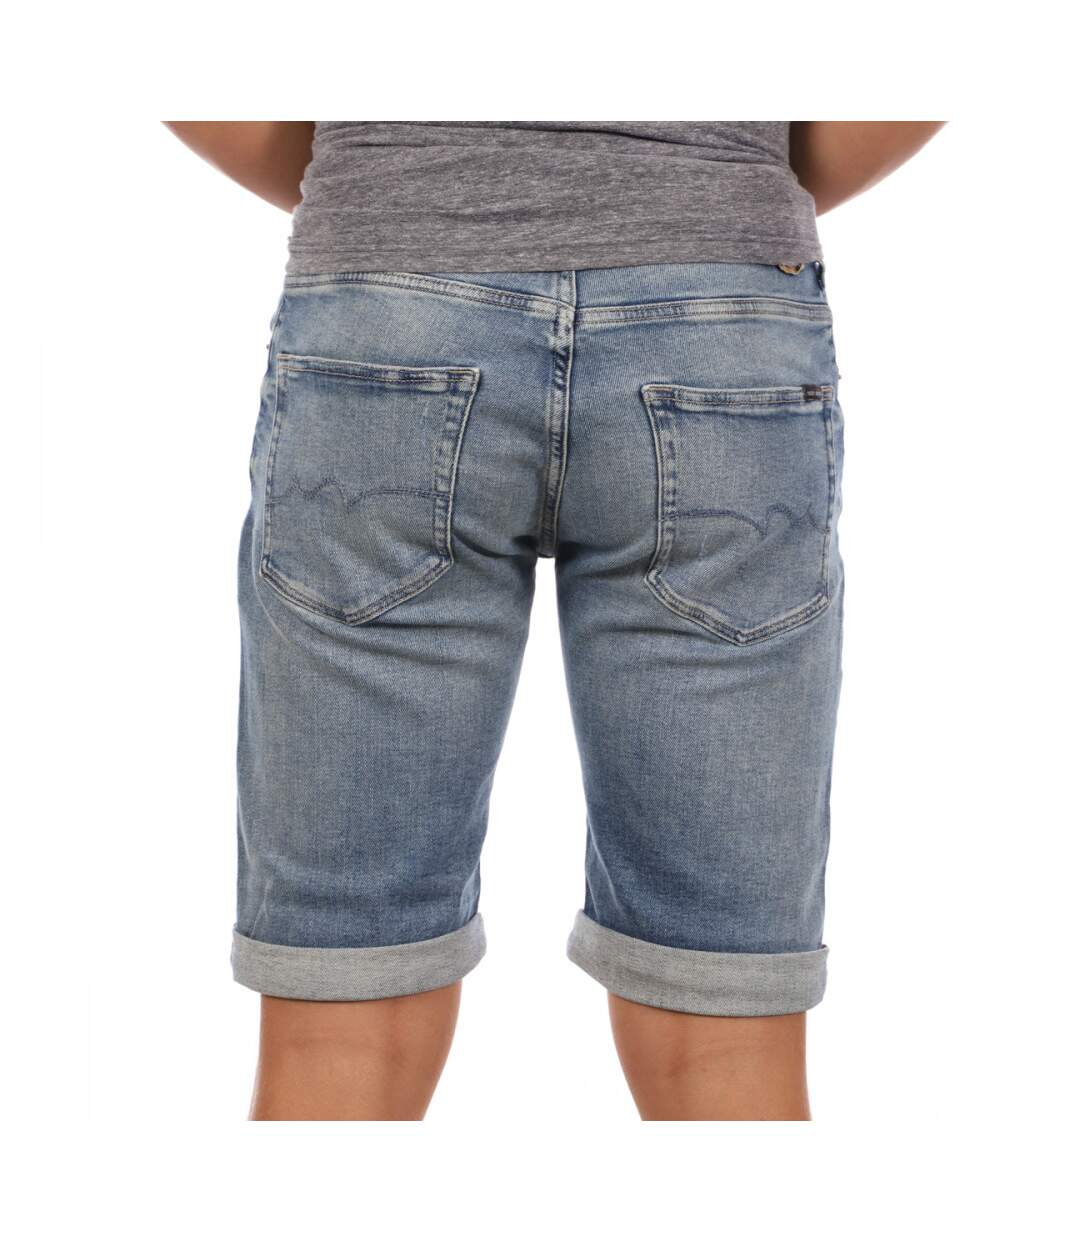 Short en jeans homme bleu Teddy Smith Scott